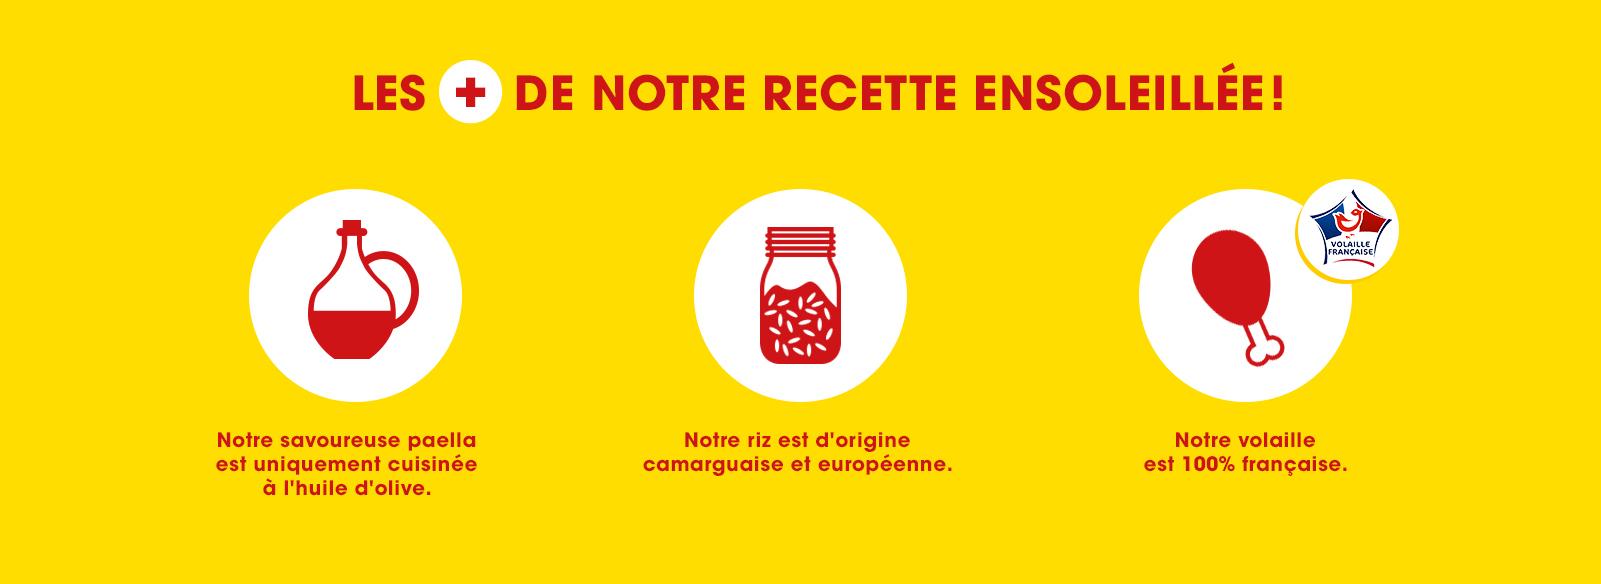 ingrédients paella